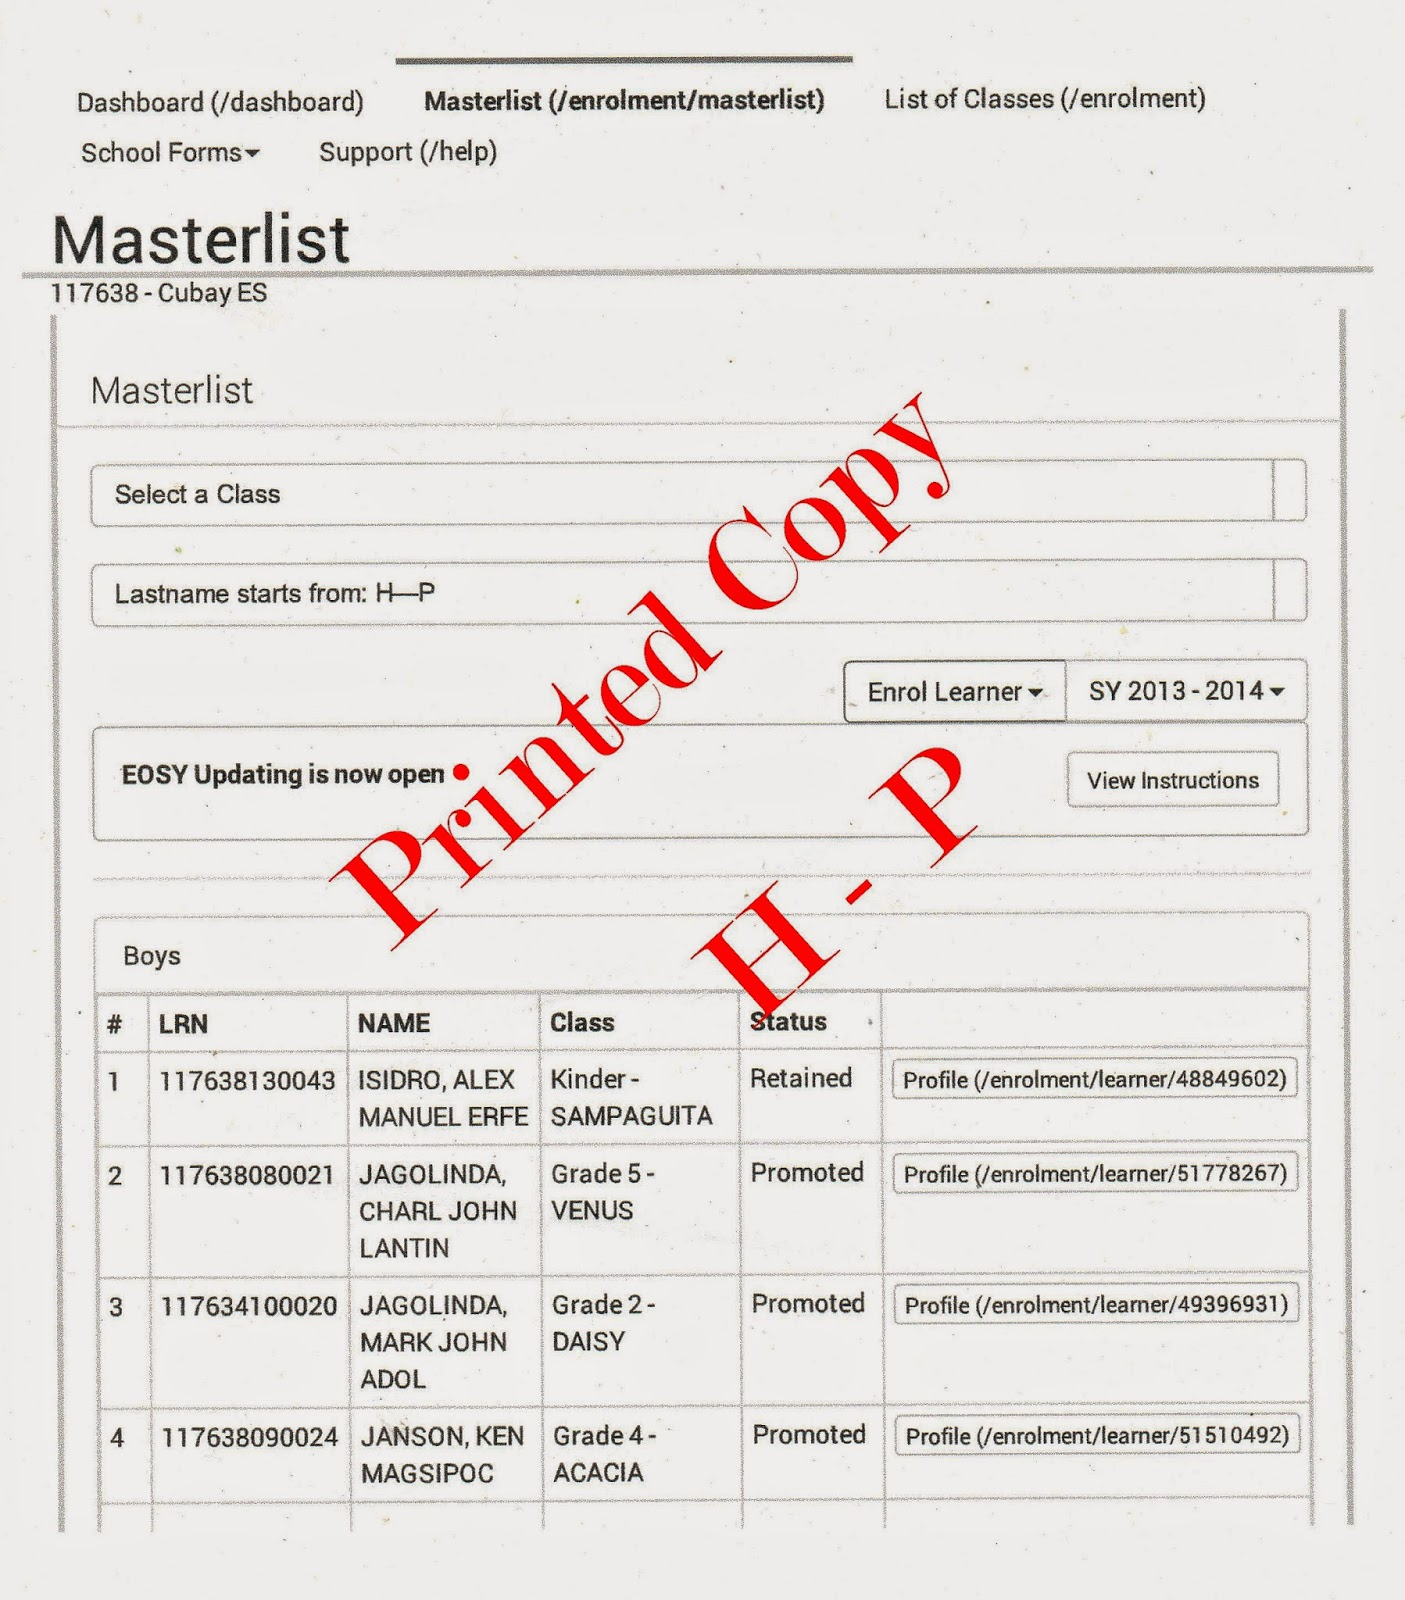 Printed h - p